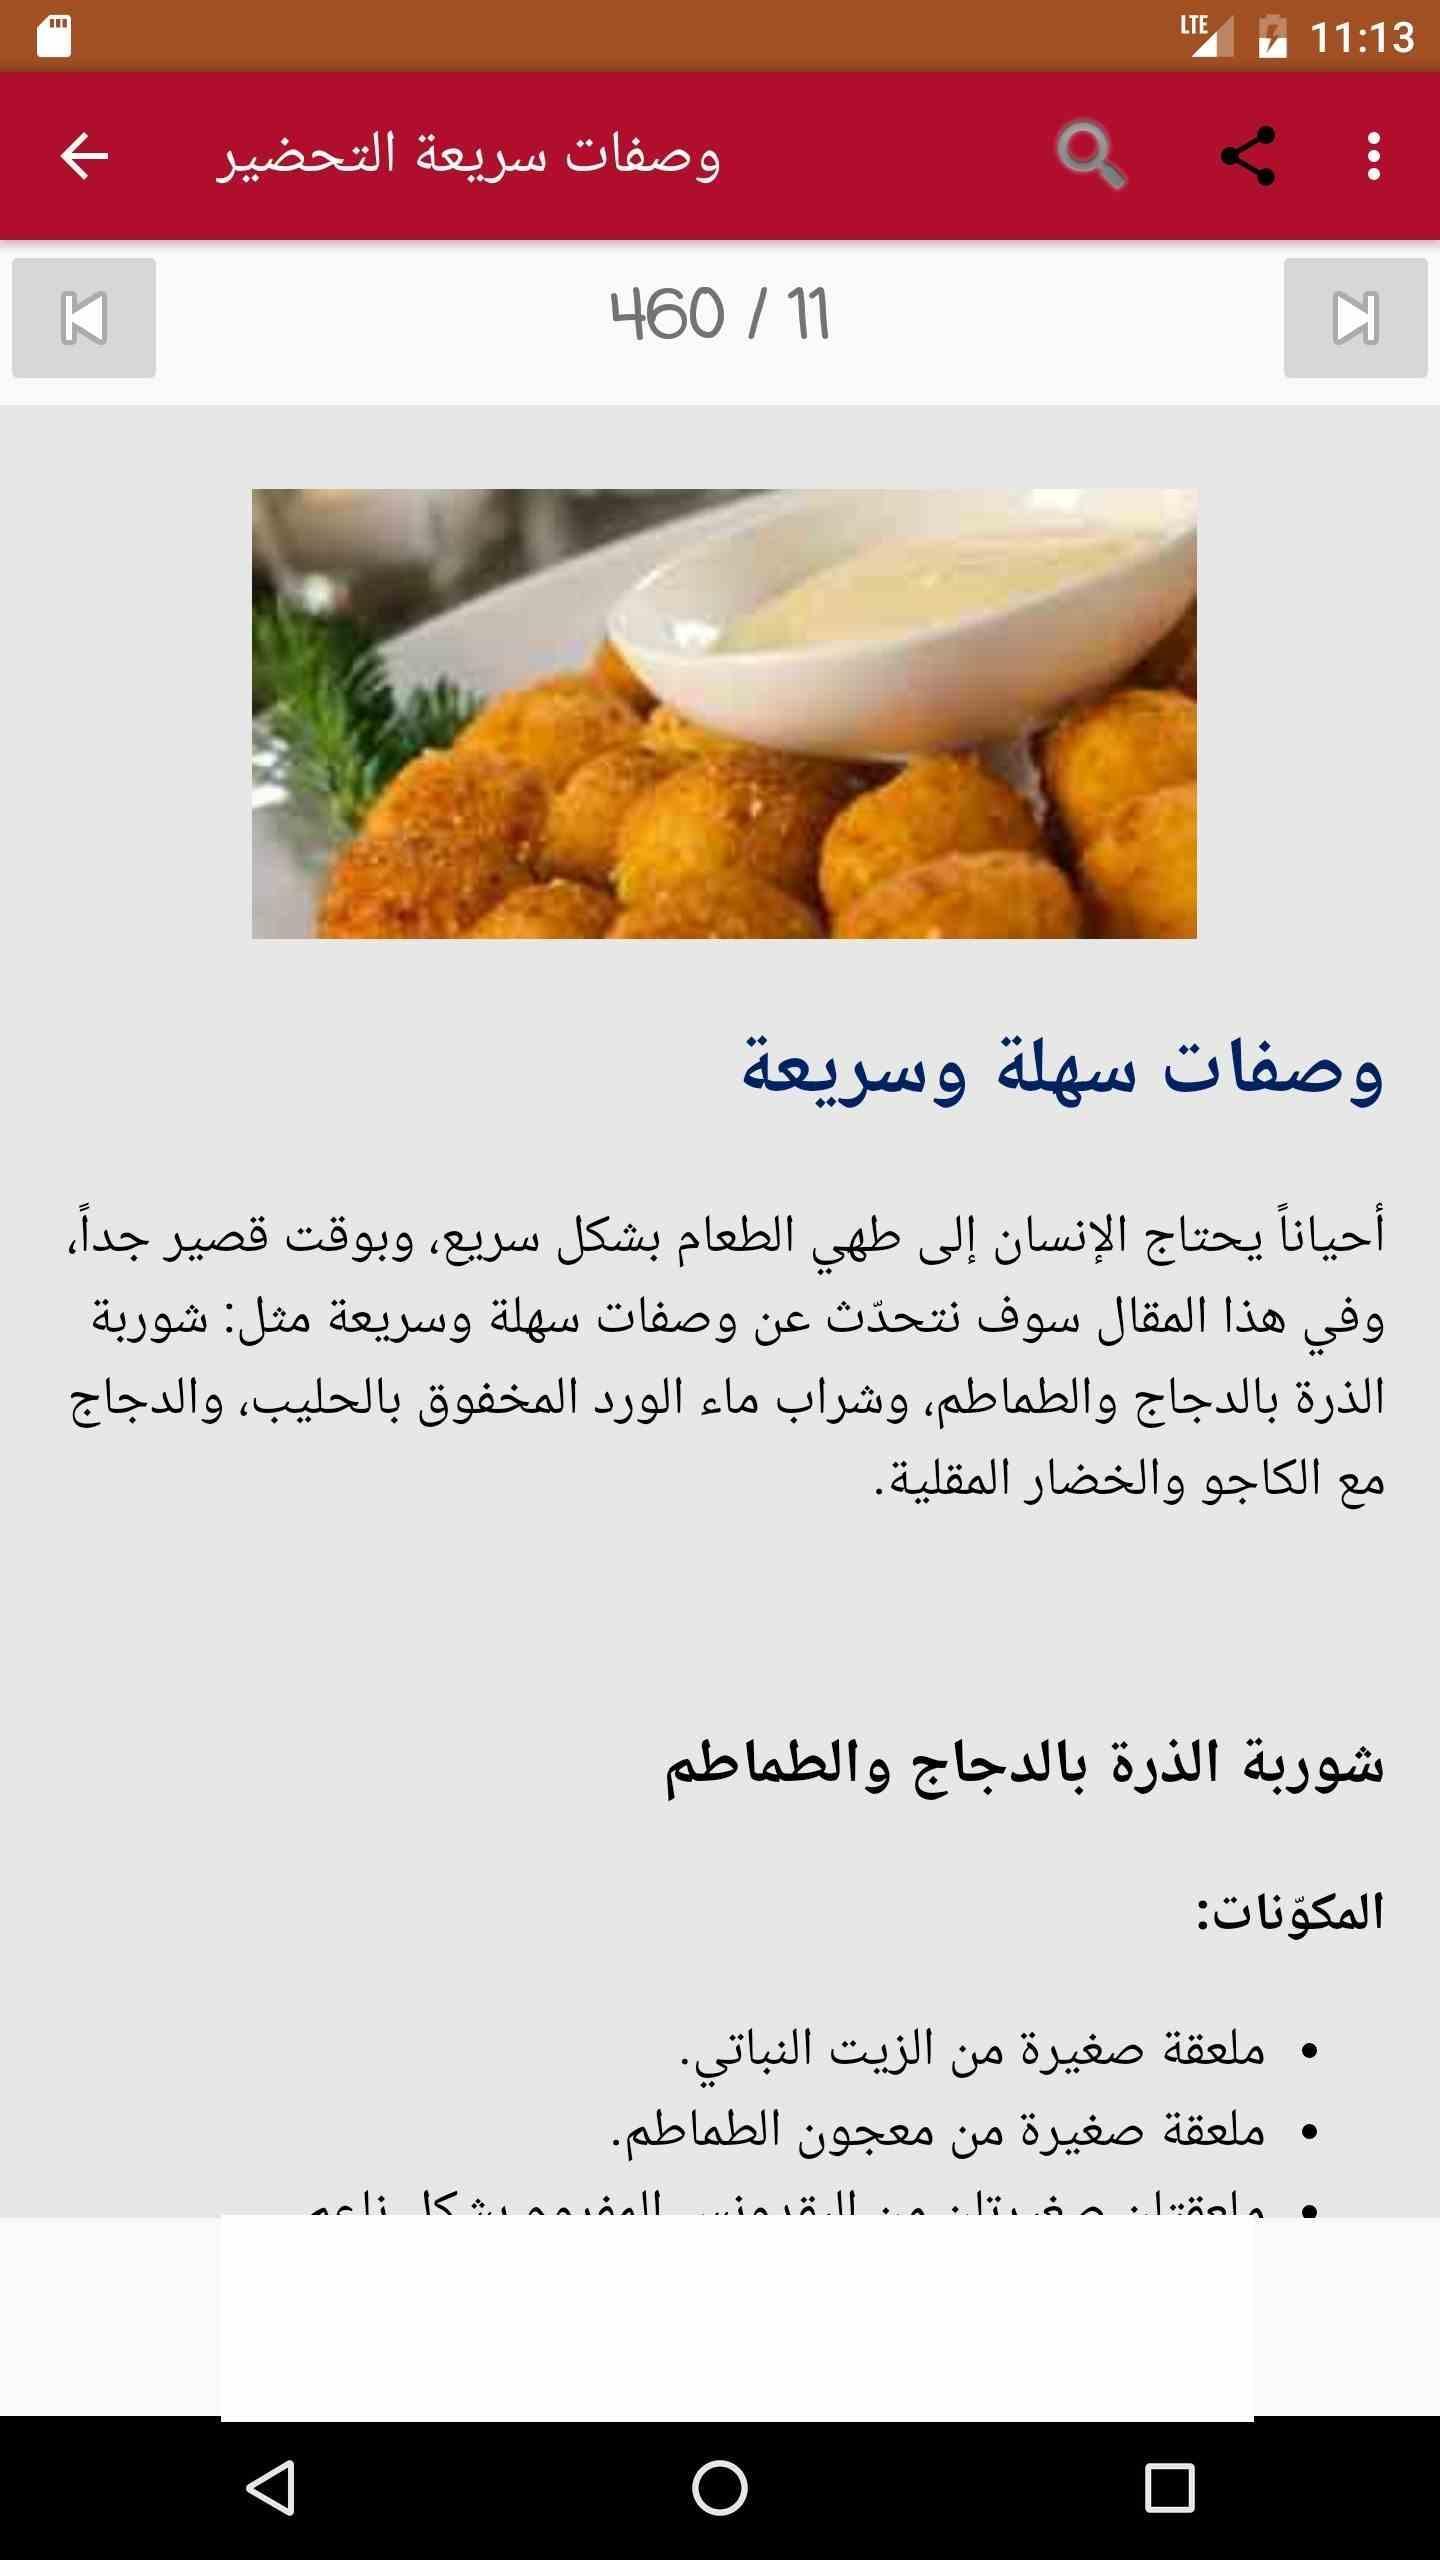 أكلات سريعة التحضير Fur Android Apk Herunterladen